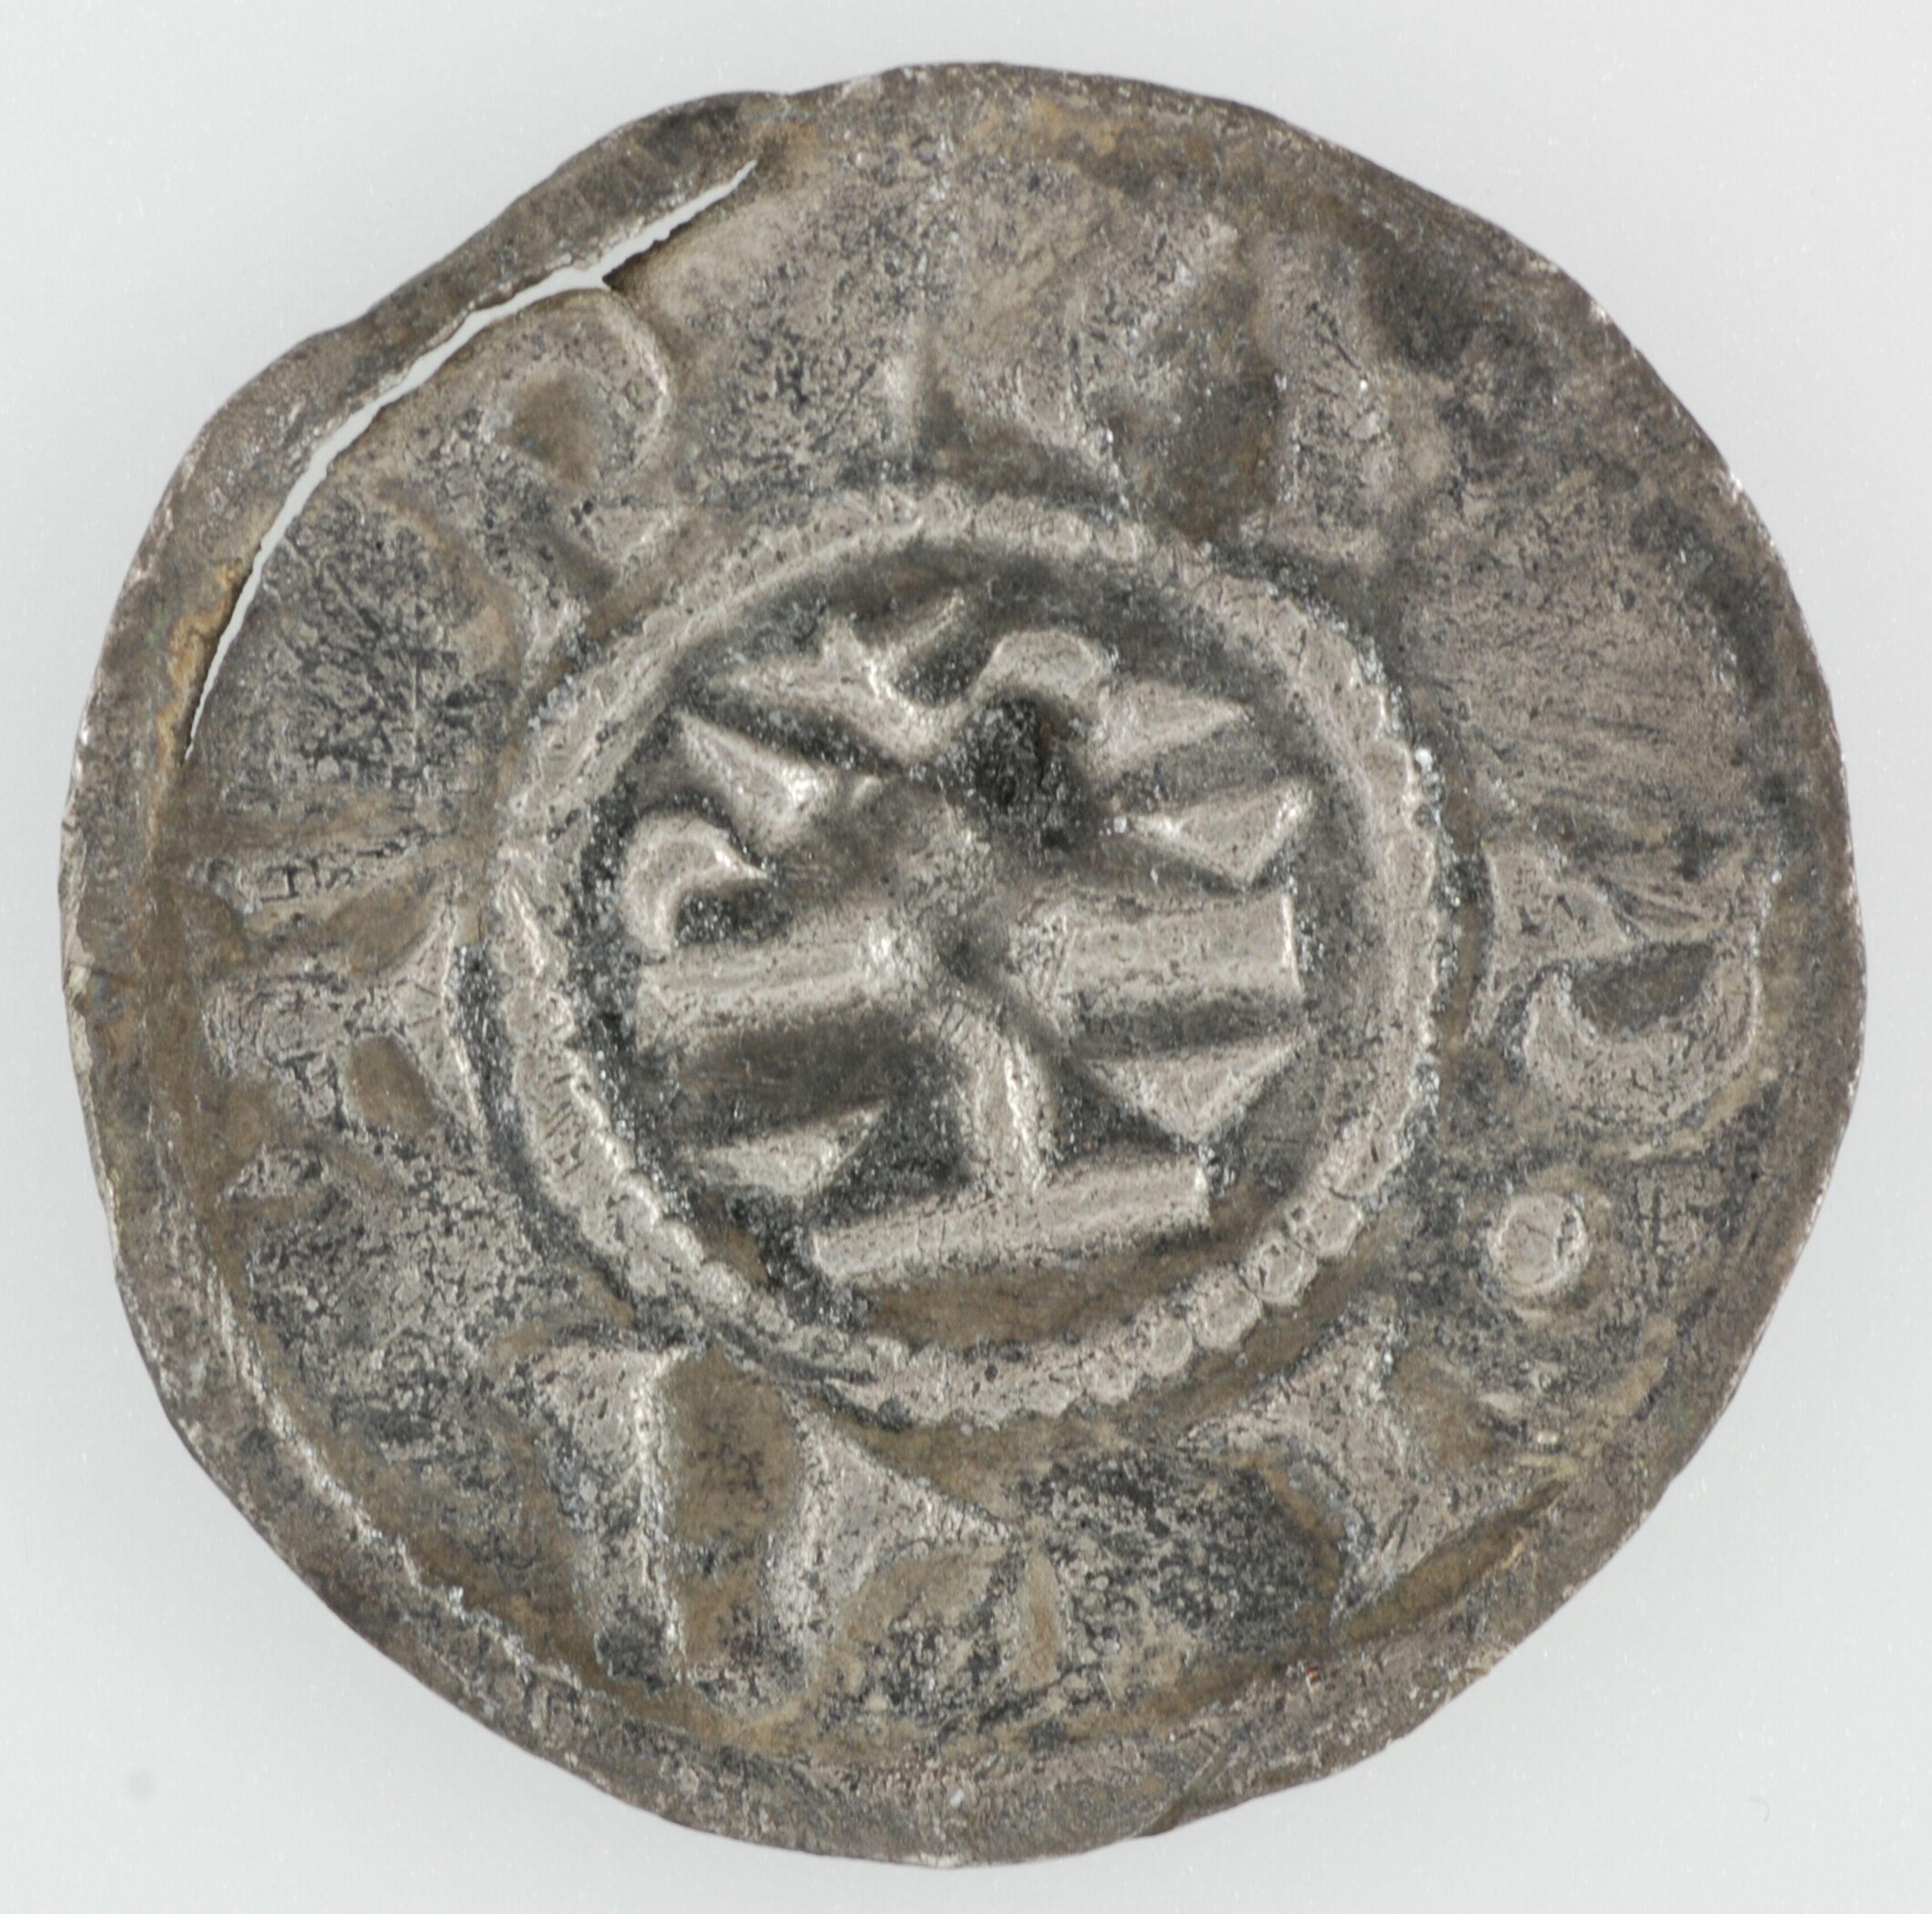 Archeologie, vondst, Denarius, Middeleeuwen, Karel de Grote